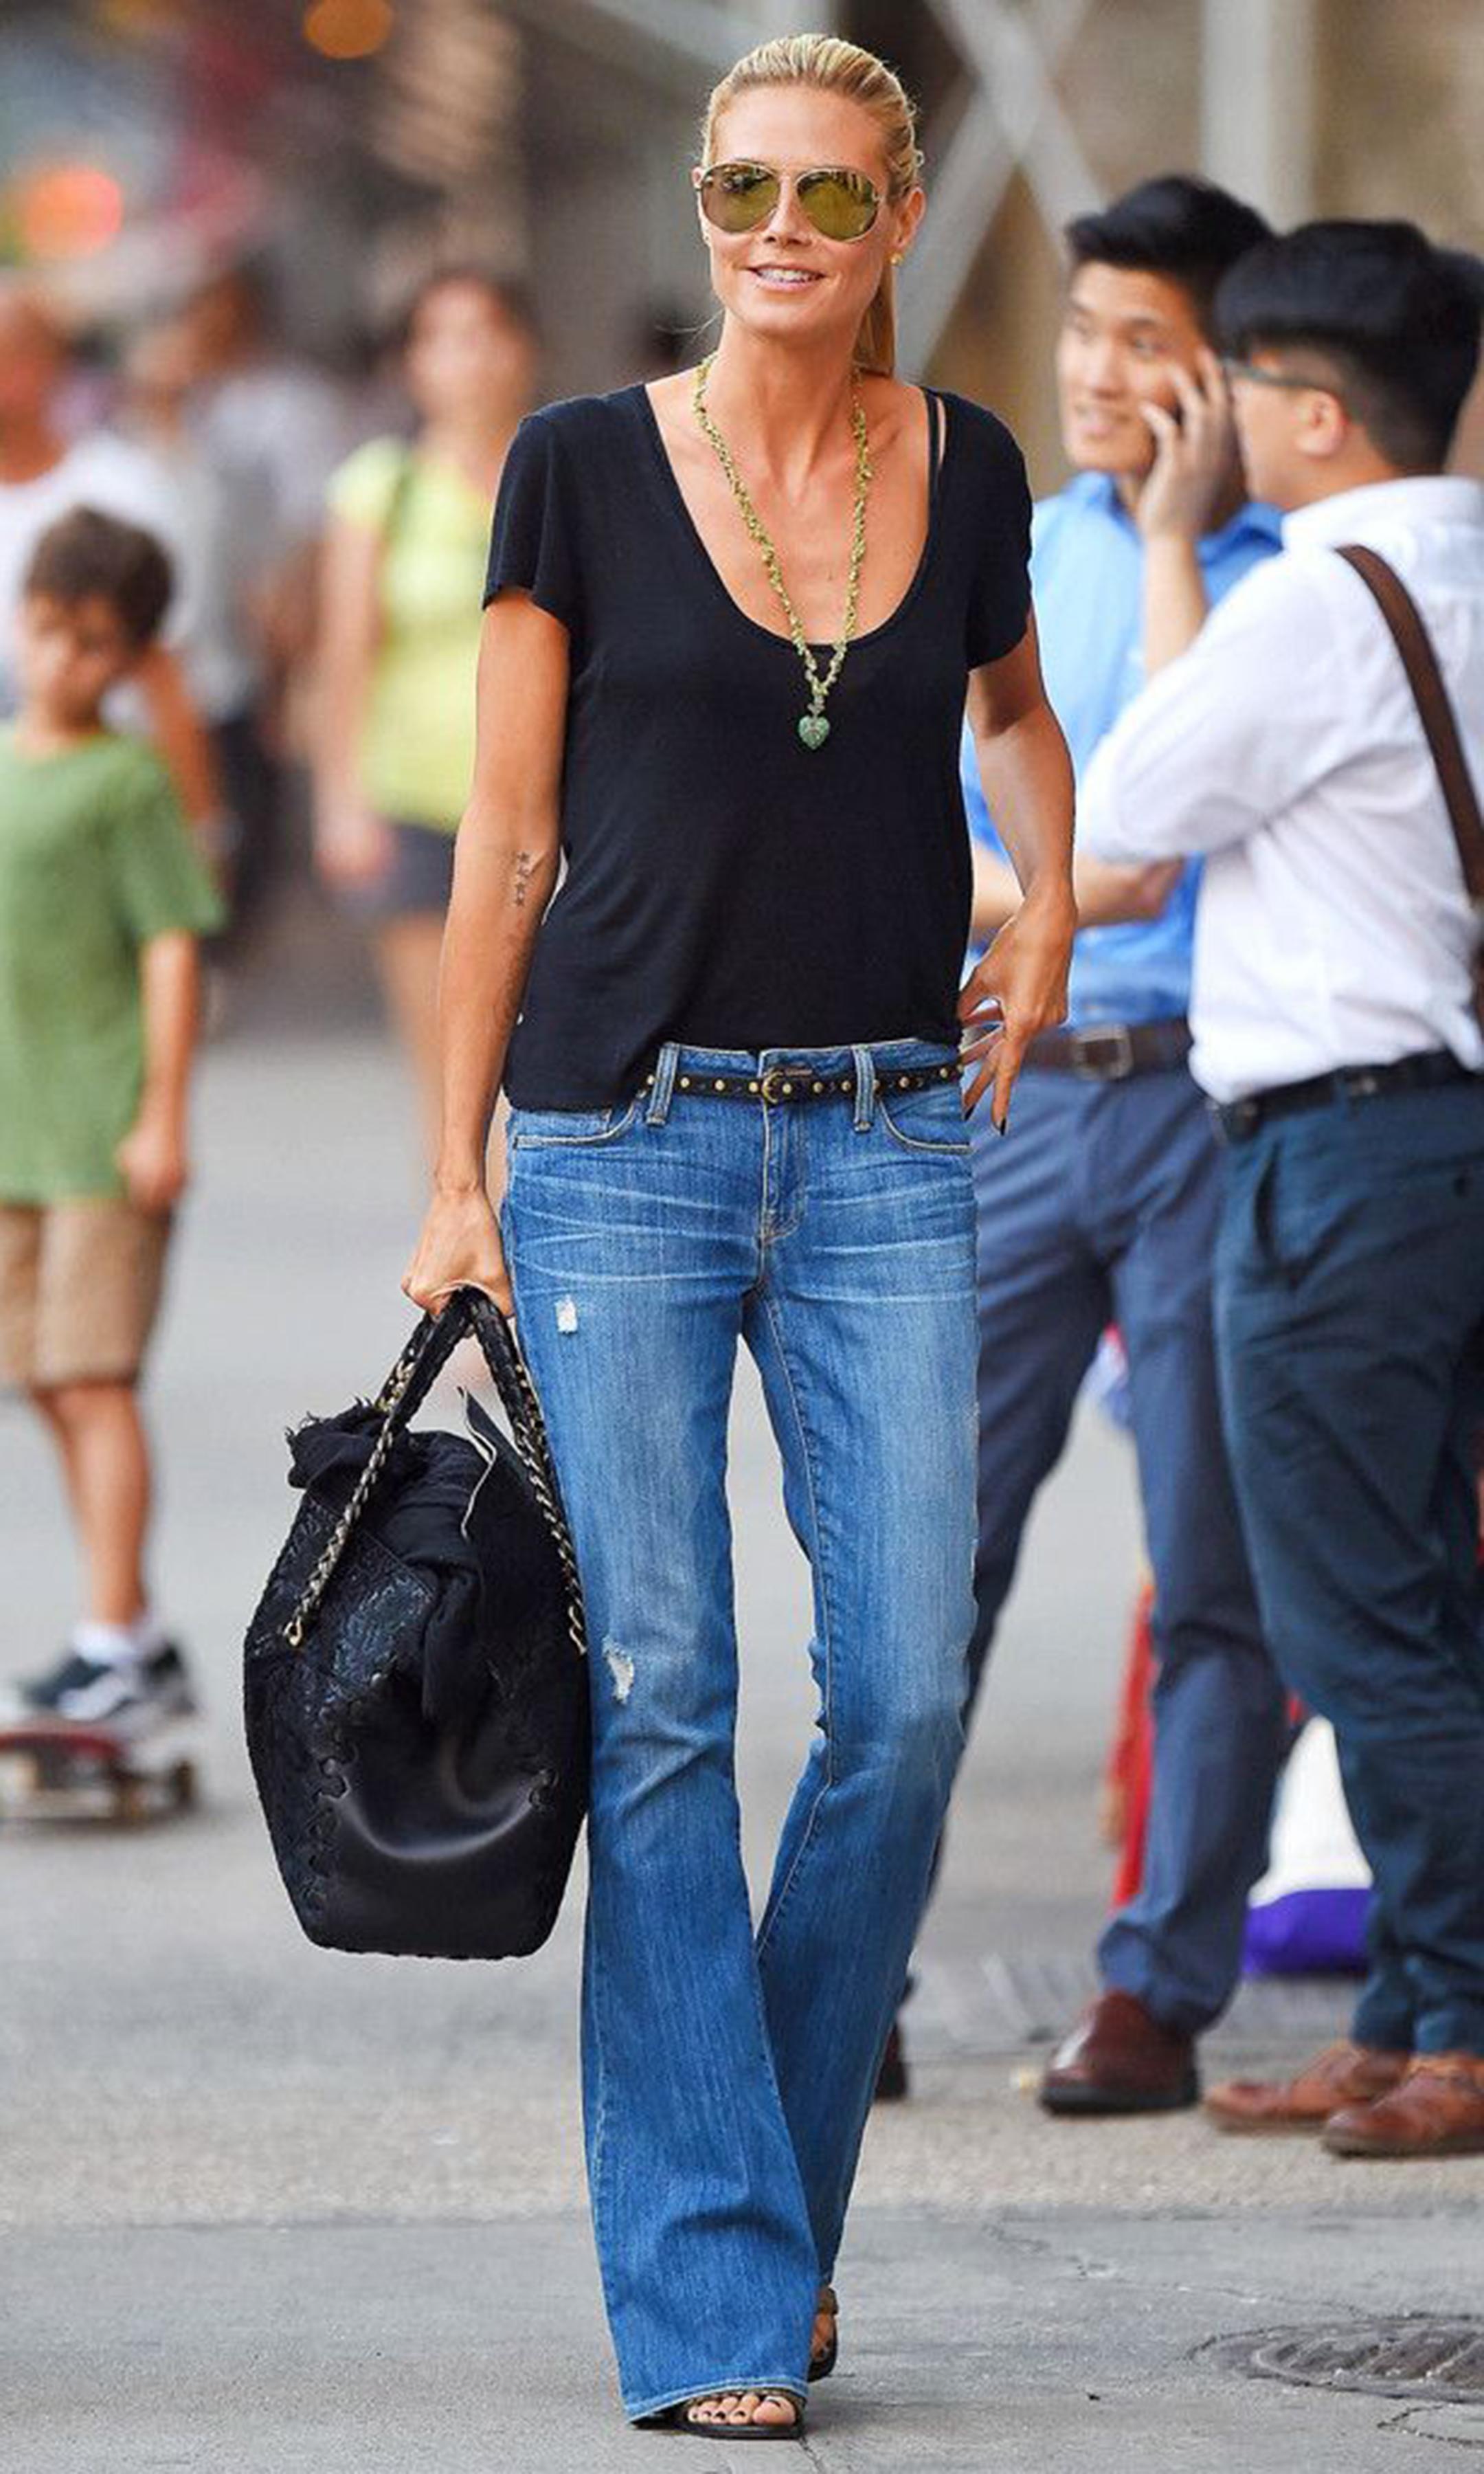 pantaloni-zampa-styleshouts-jeans-heidi-klum